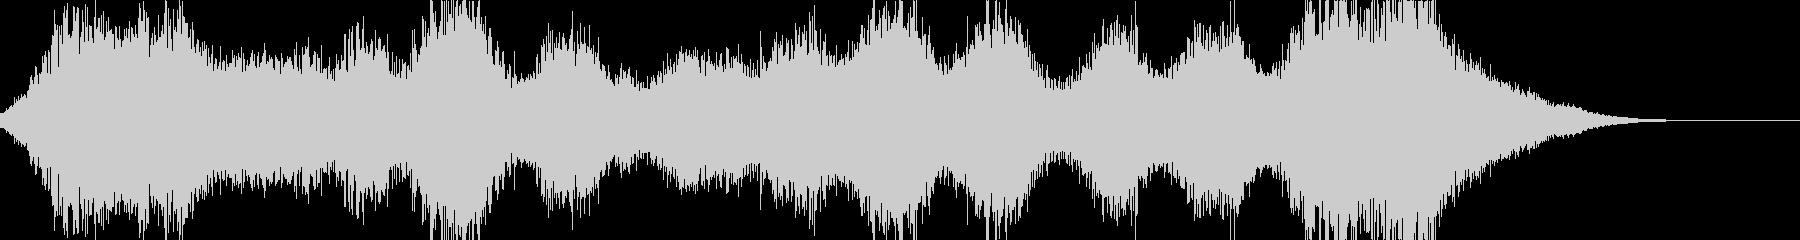 エレクトロニック アクション 技術...の未再生の波形